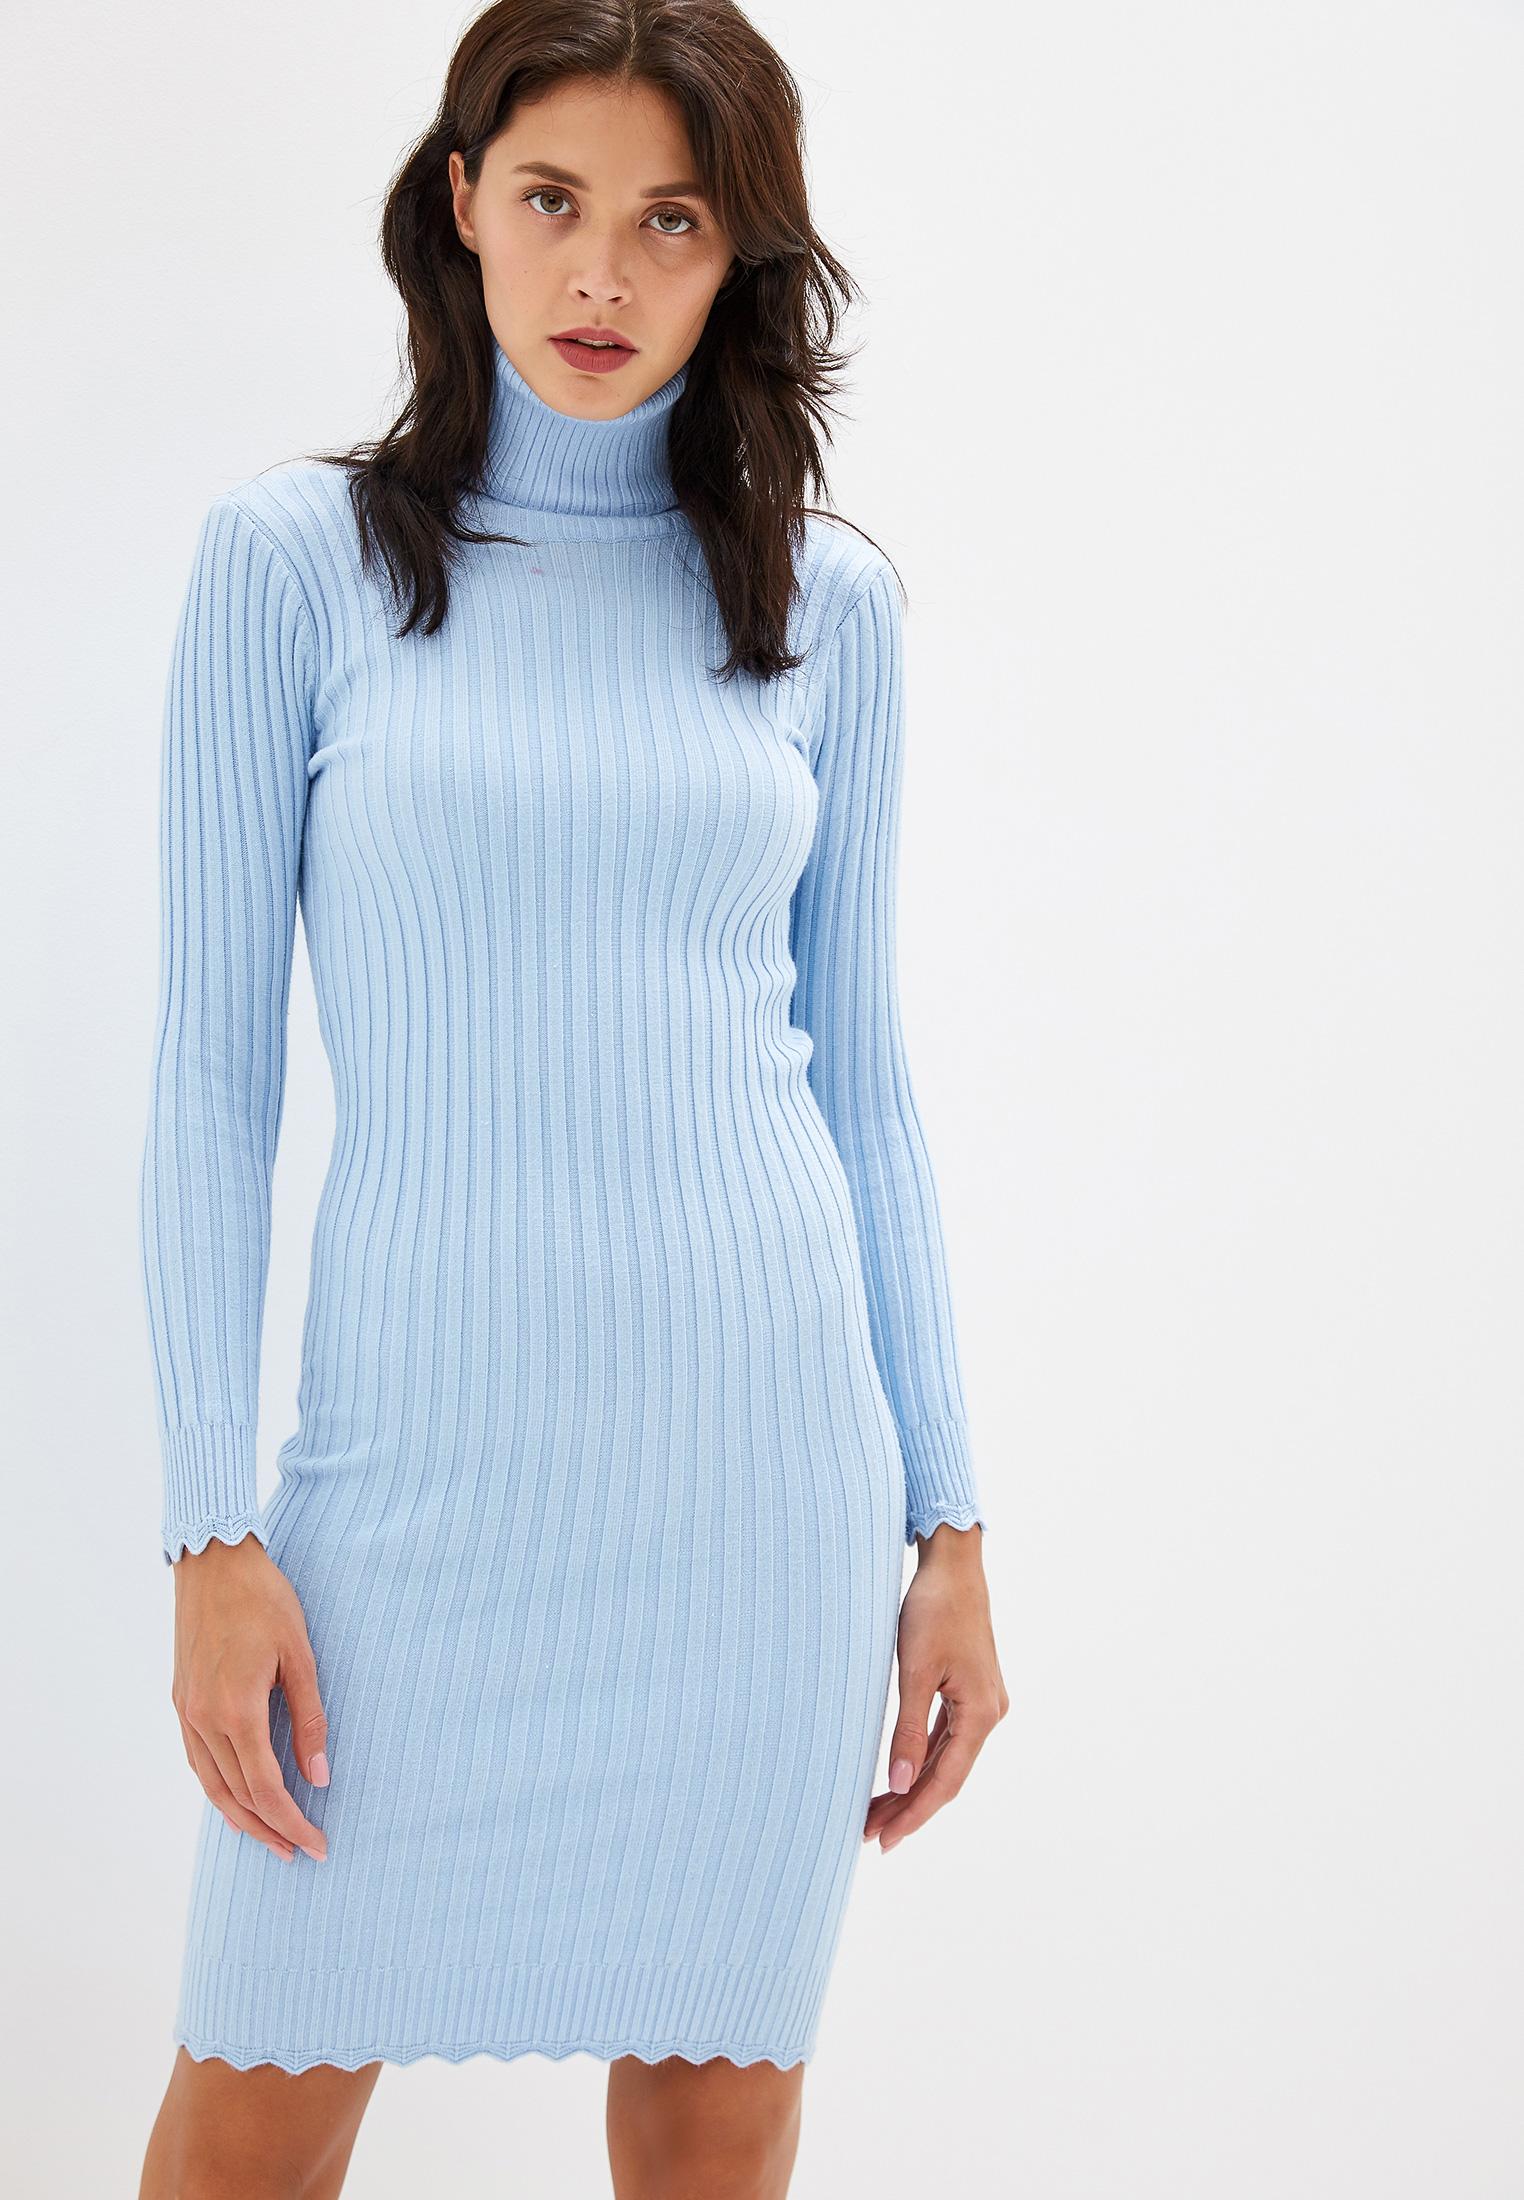 Вязаное платье Izabella IZ5450-7